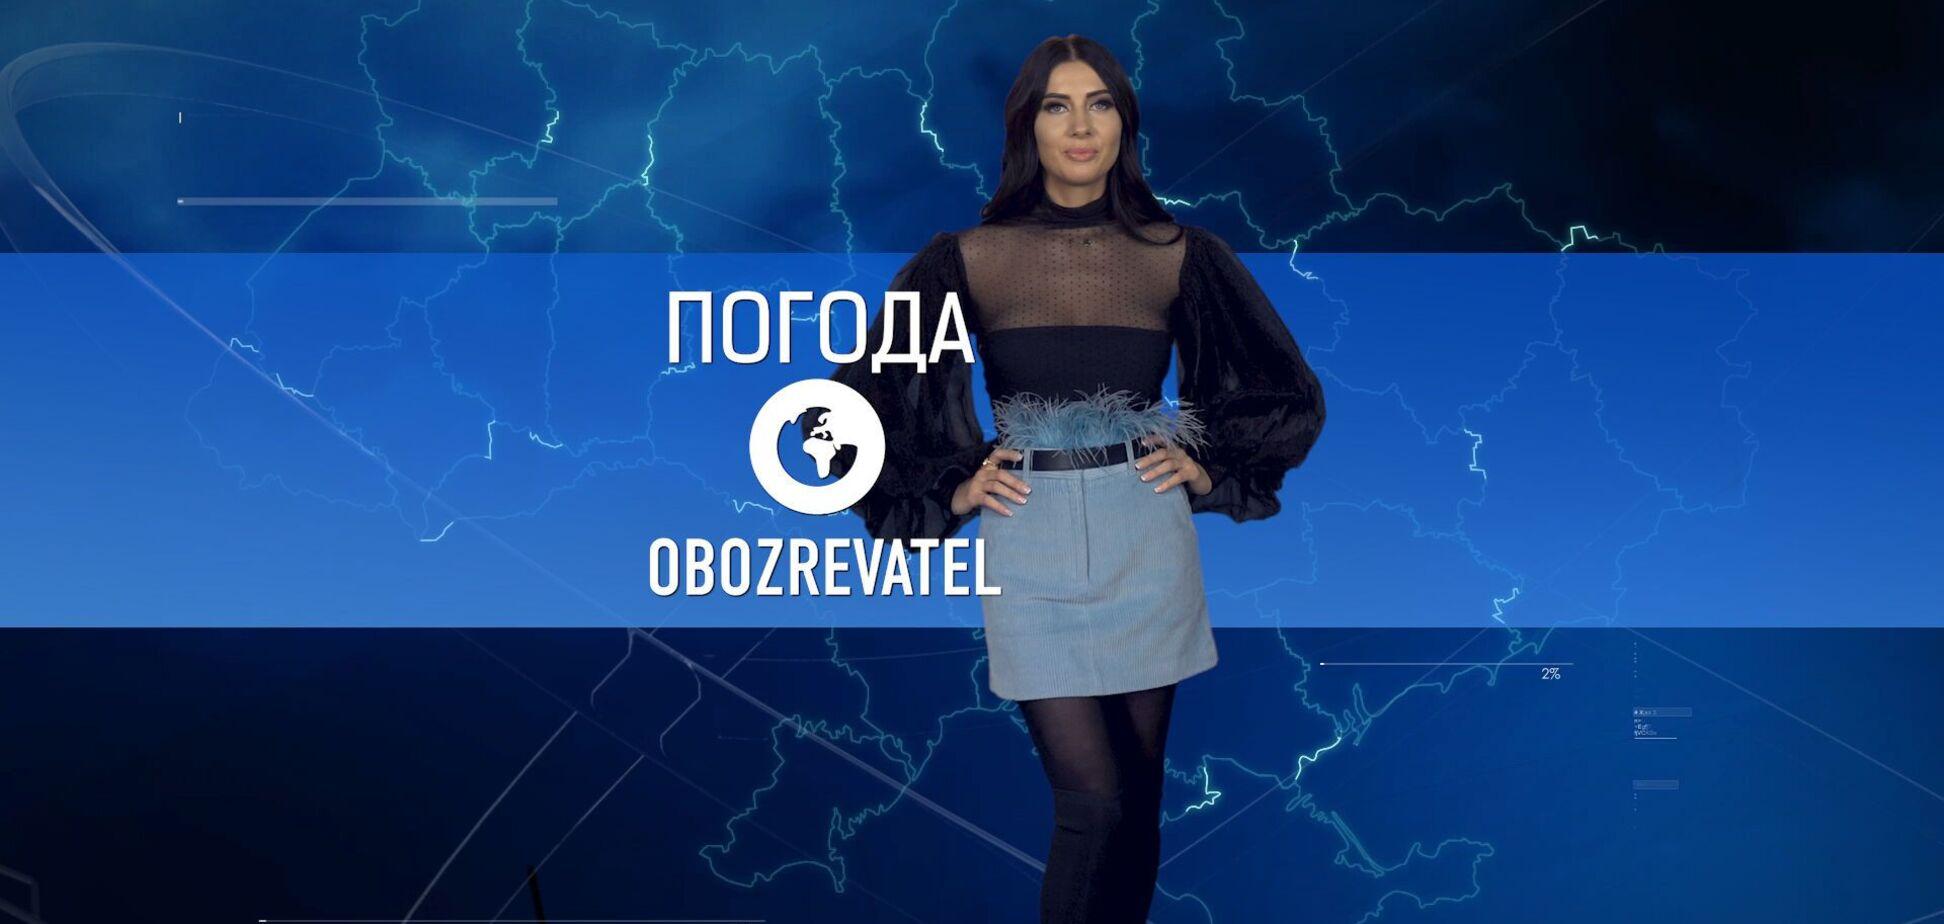 Прогноз погоди в Україні на середу 23 грудня, з Алісою Мярковською